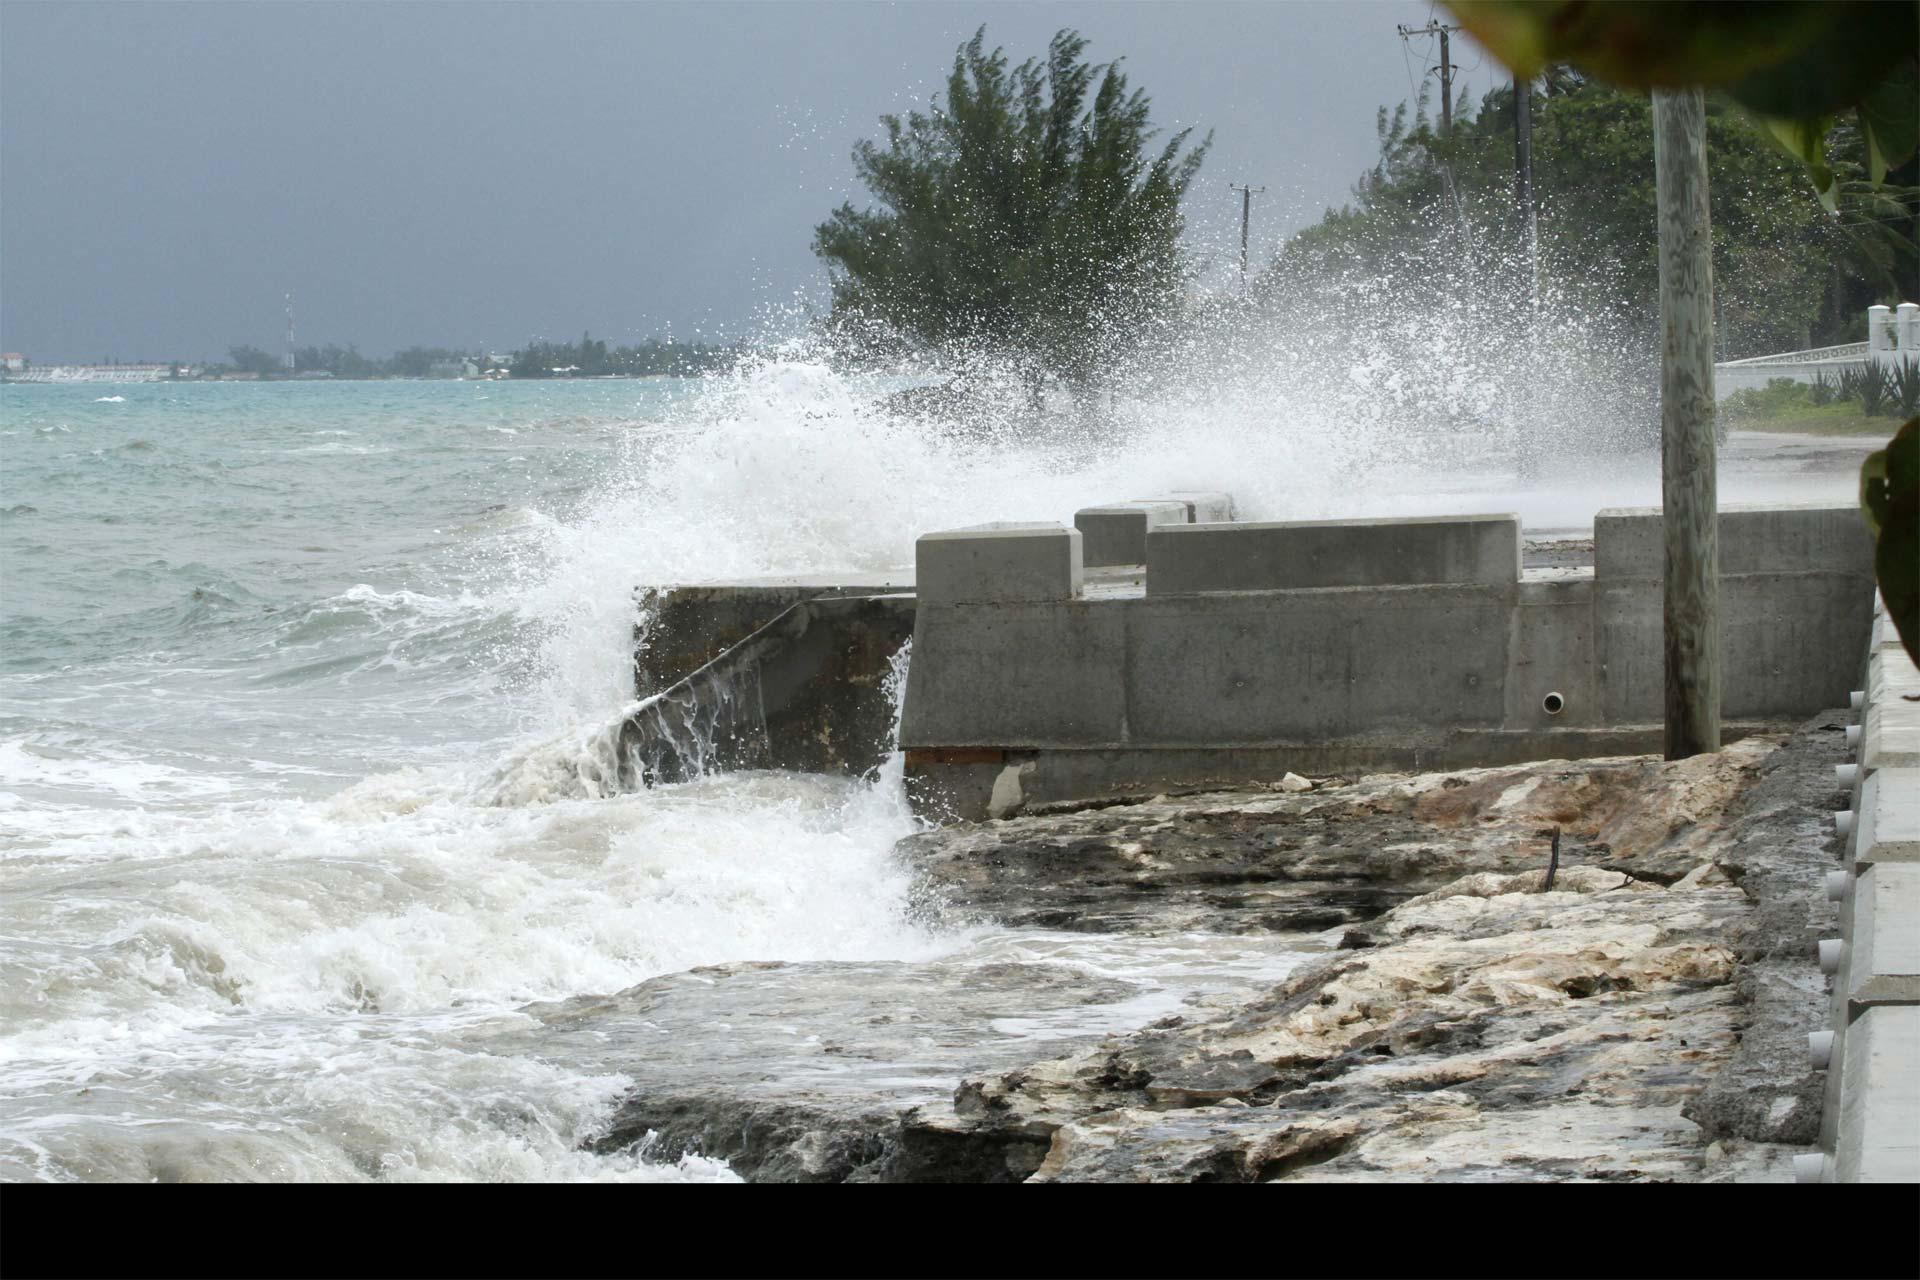 El archipiélago portugués de las Azores ha emitido una alerta, pues podrían producirse inundaciones y aludes